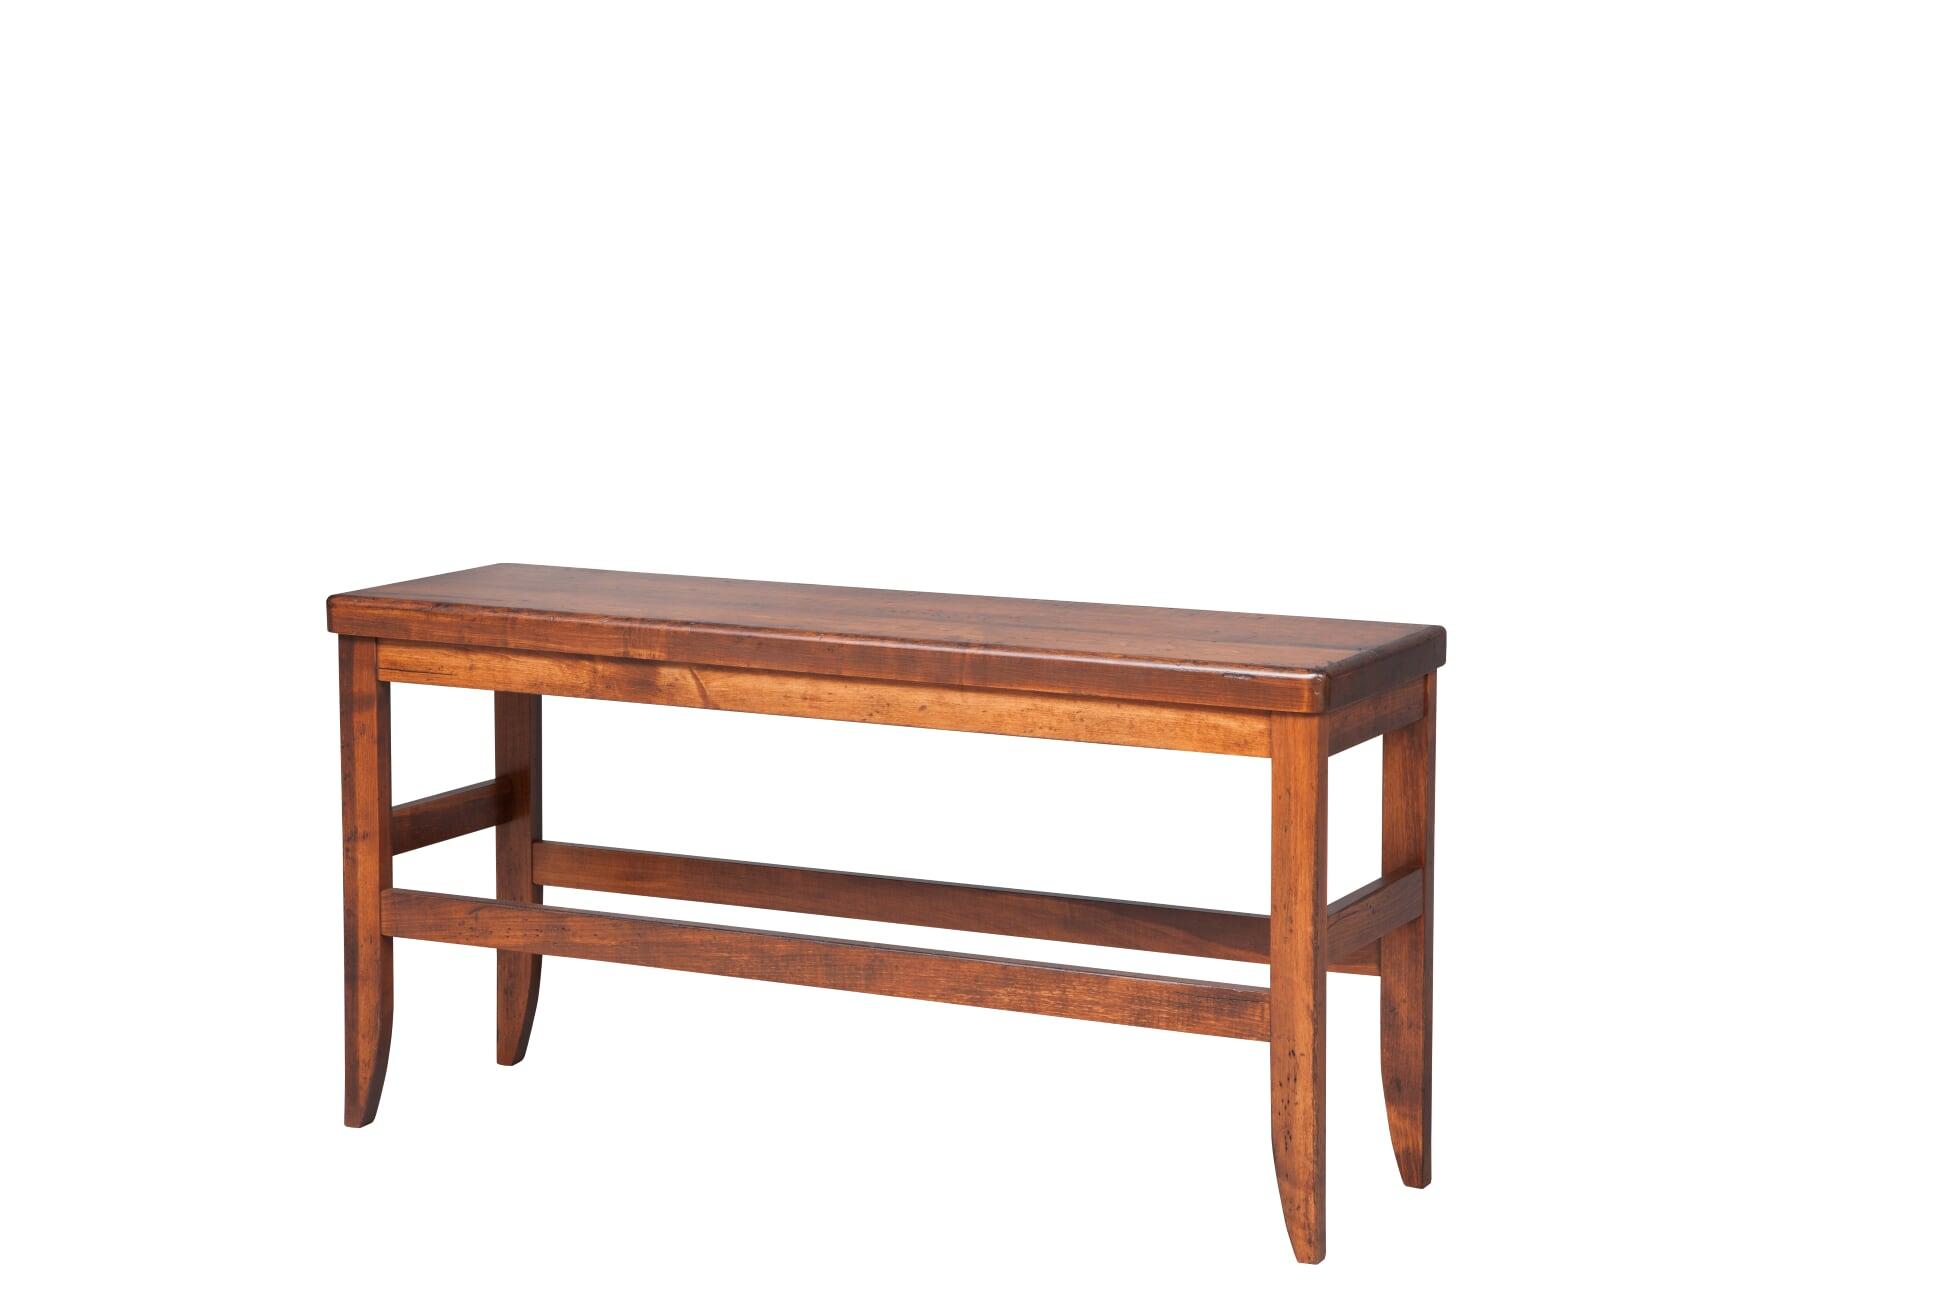 1412 4_48_Clifton_Bench Benches